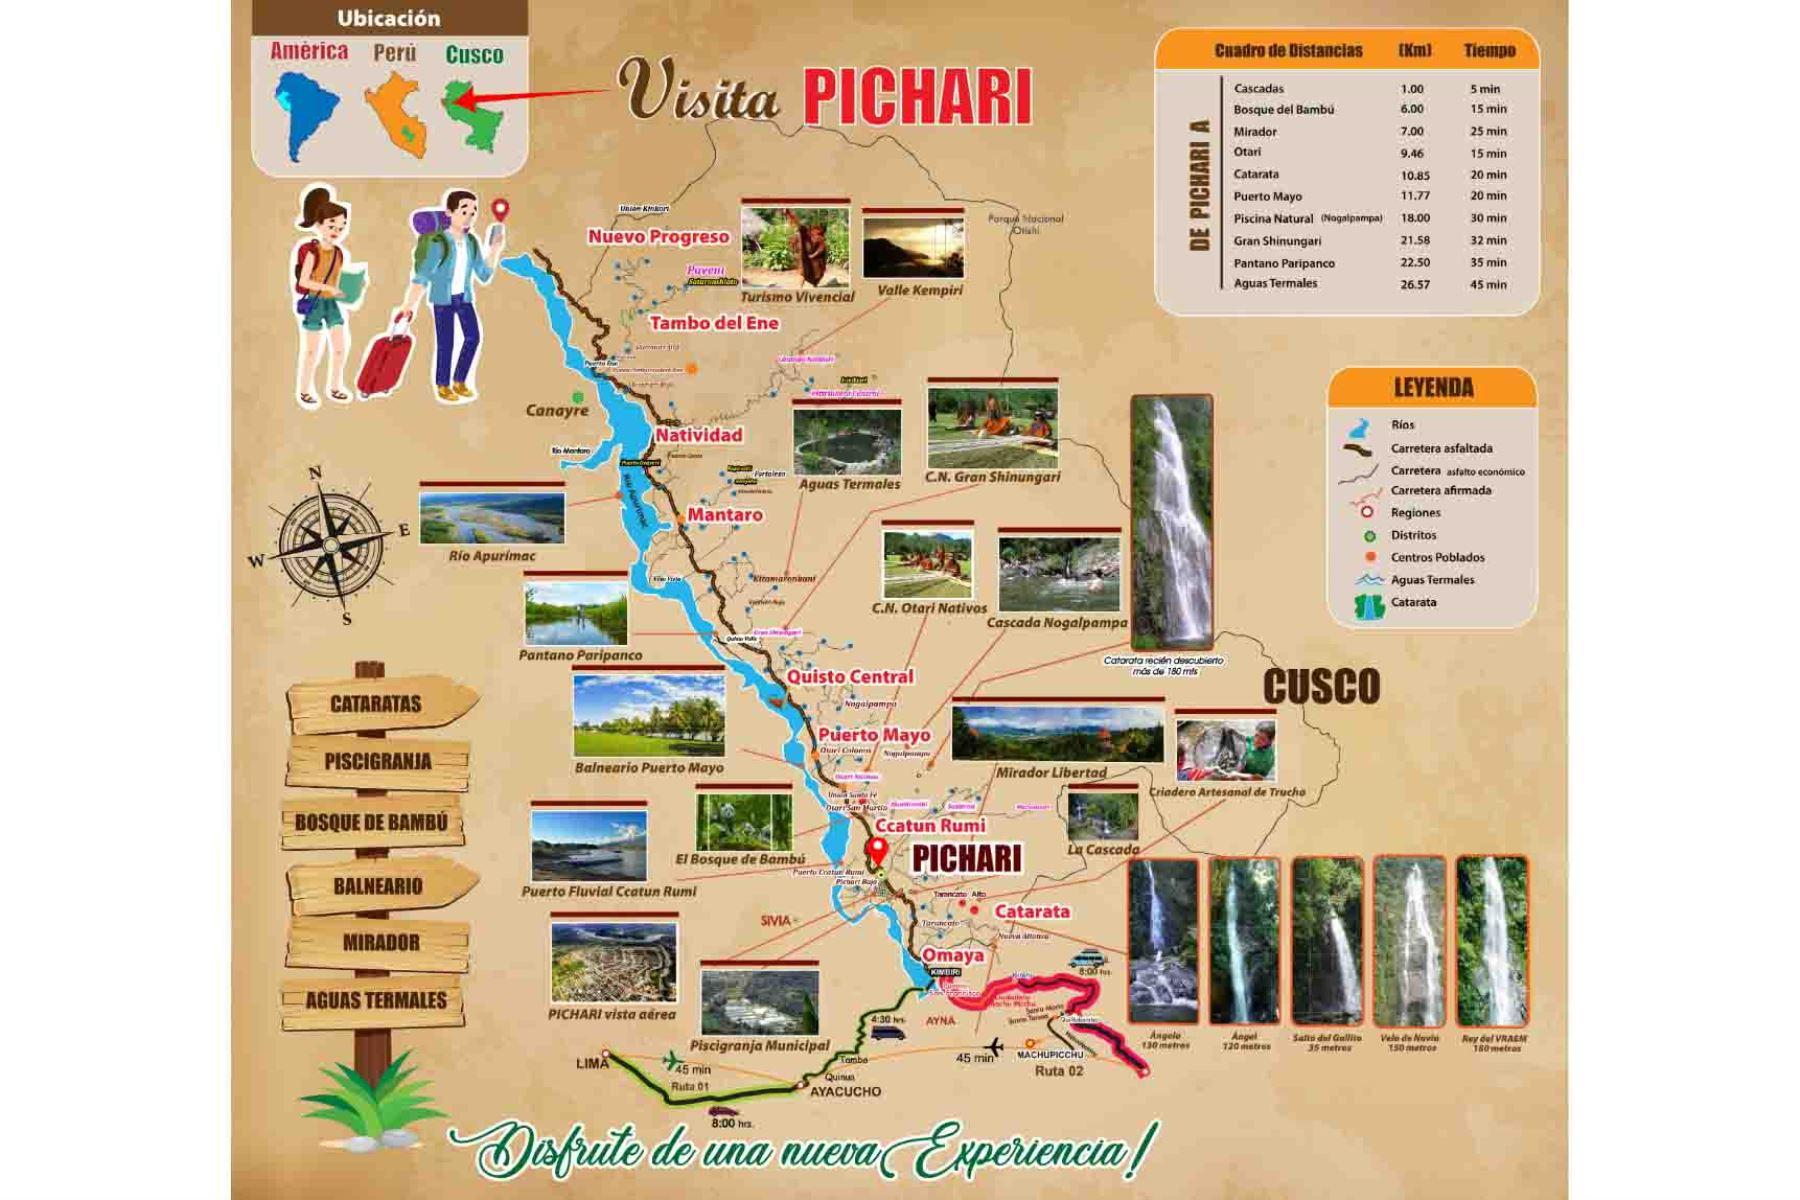 El distrito cusqueño de Pichari ofrece una amplia variedad de atractivos turísticos.